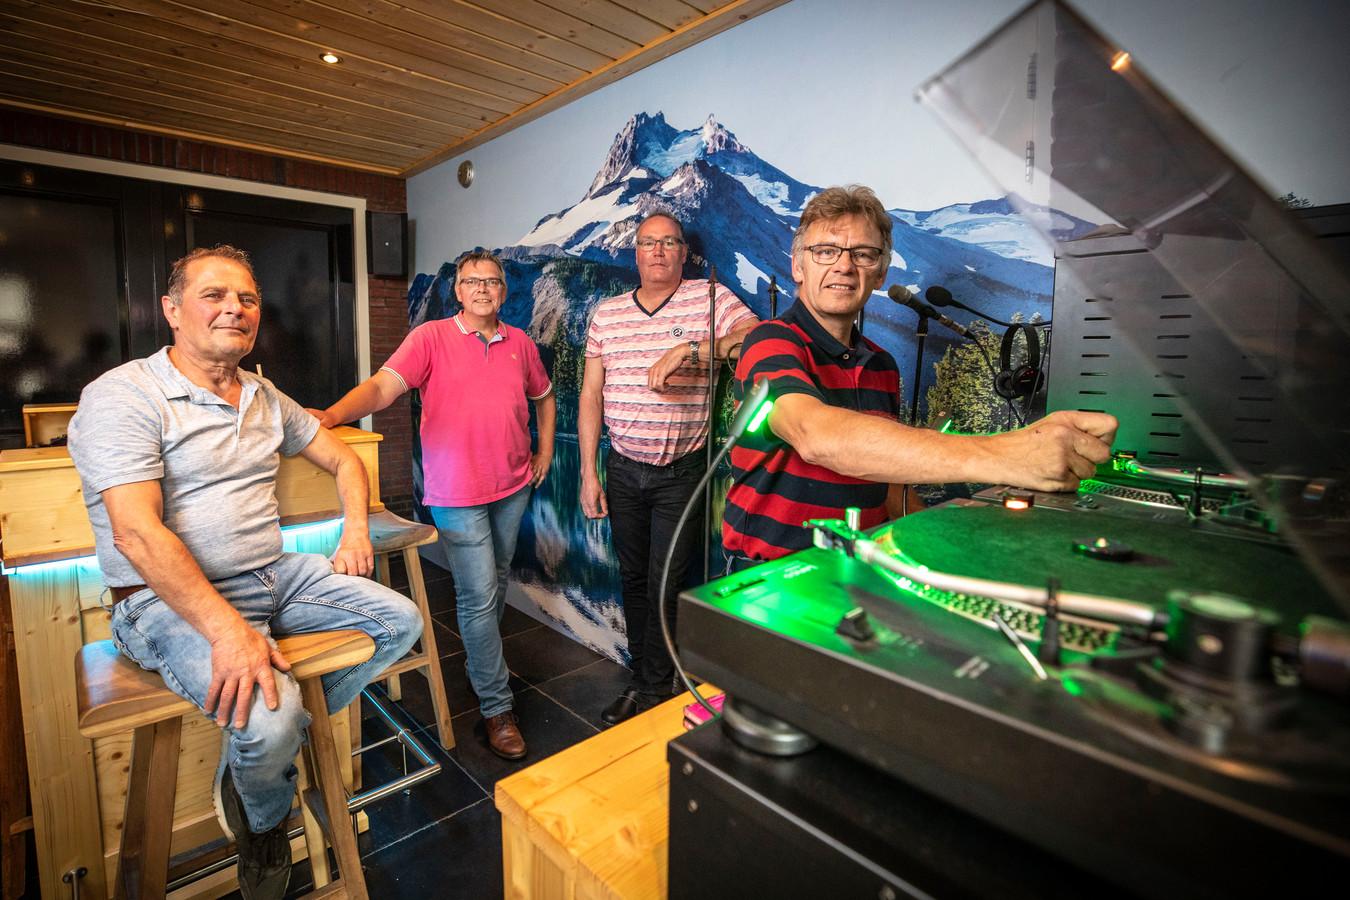 Claus Gommer, Robert Degen, Eric Moes en Alwie Nieuwhuis (van links naar rechts) van Radio Expansie. De Radiozender is in 2010 opgericht door Eric Moes uit Westerhaar.